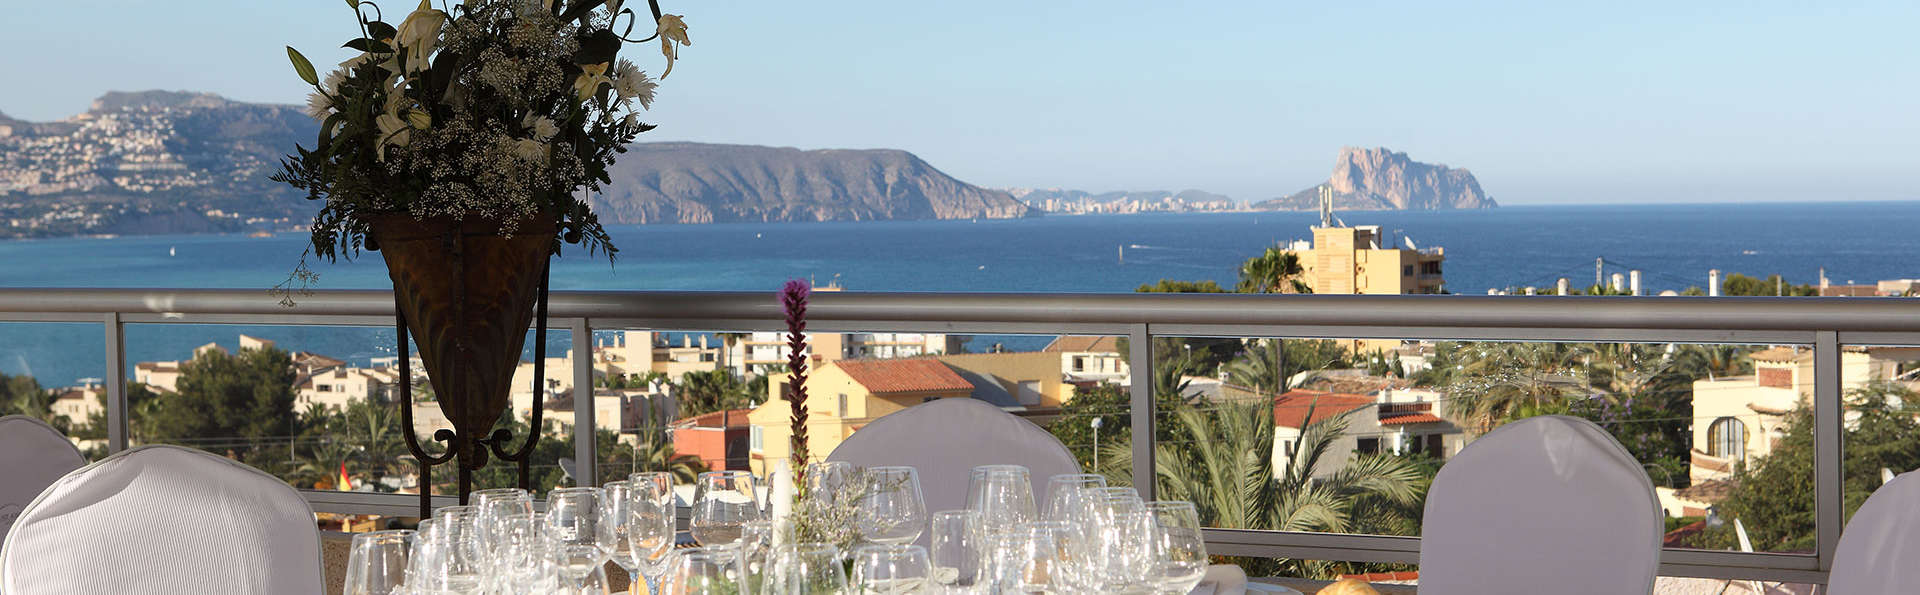 Mini vacaciones en hotel 4*: Pensión completa y acceso al spa a 600m de la playa